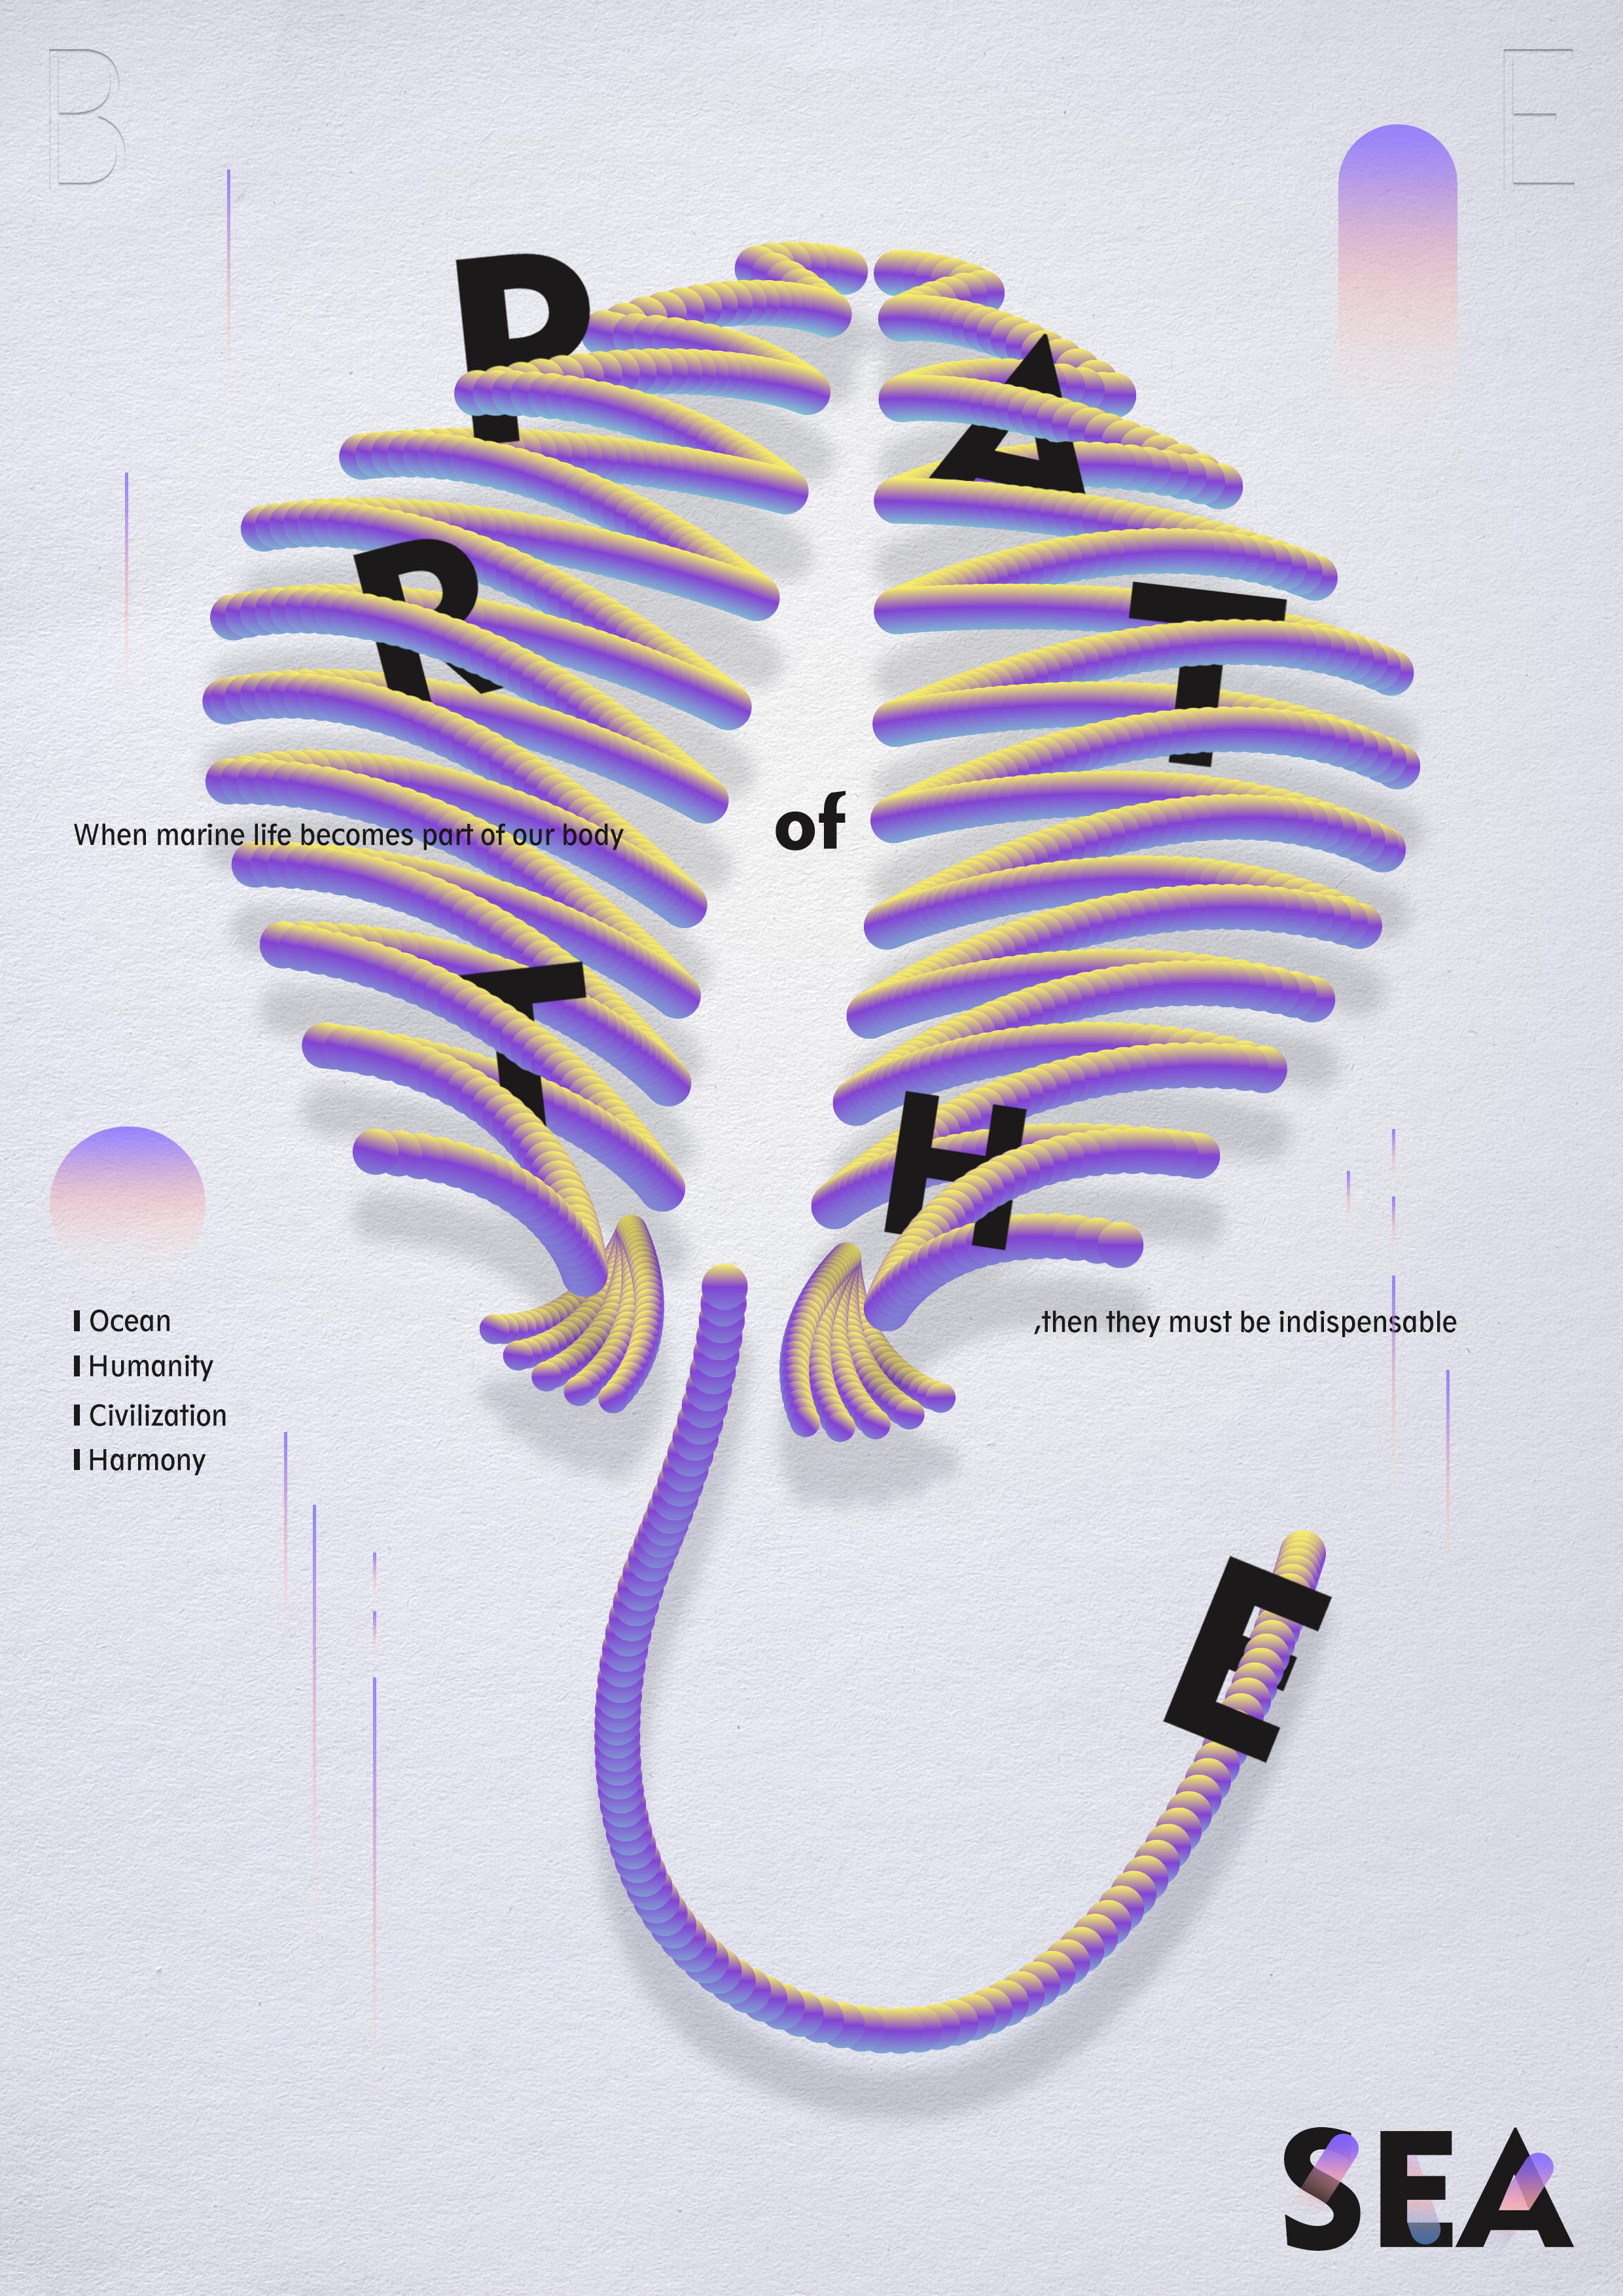 海洋文化创意海报-人与海洋生物